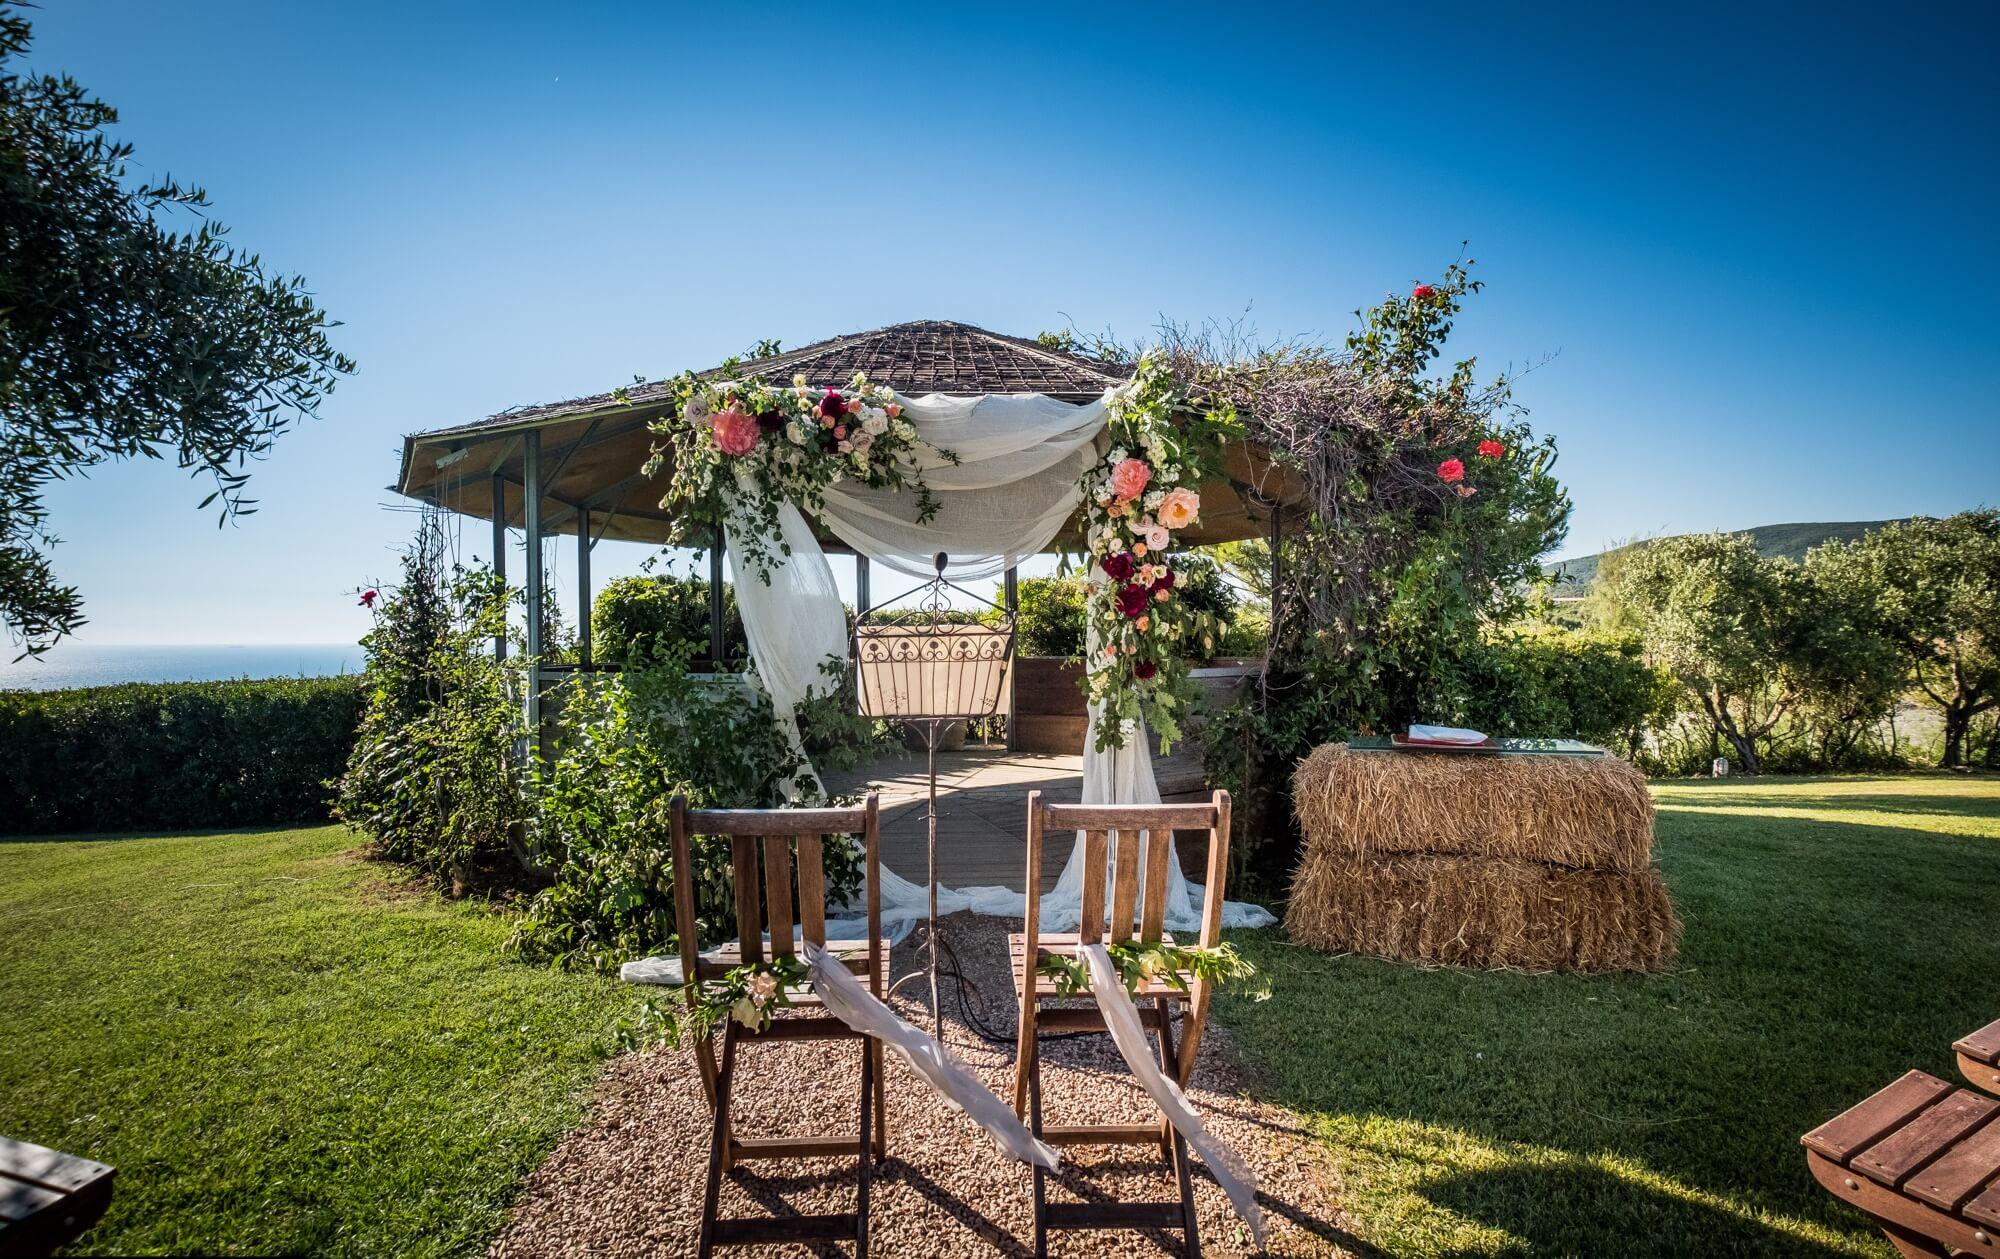 Matrimonio in riva al mare sulla costa Toscana, Versilia, Argentario. Giulia Alessandri Wedding Planner: progettazione e coordinazione matrimoni in Toscana.